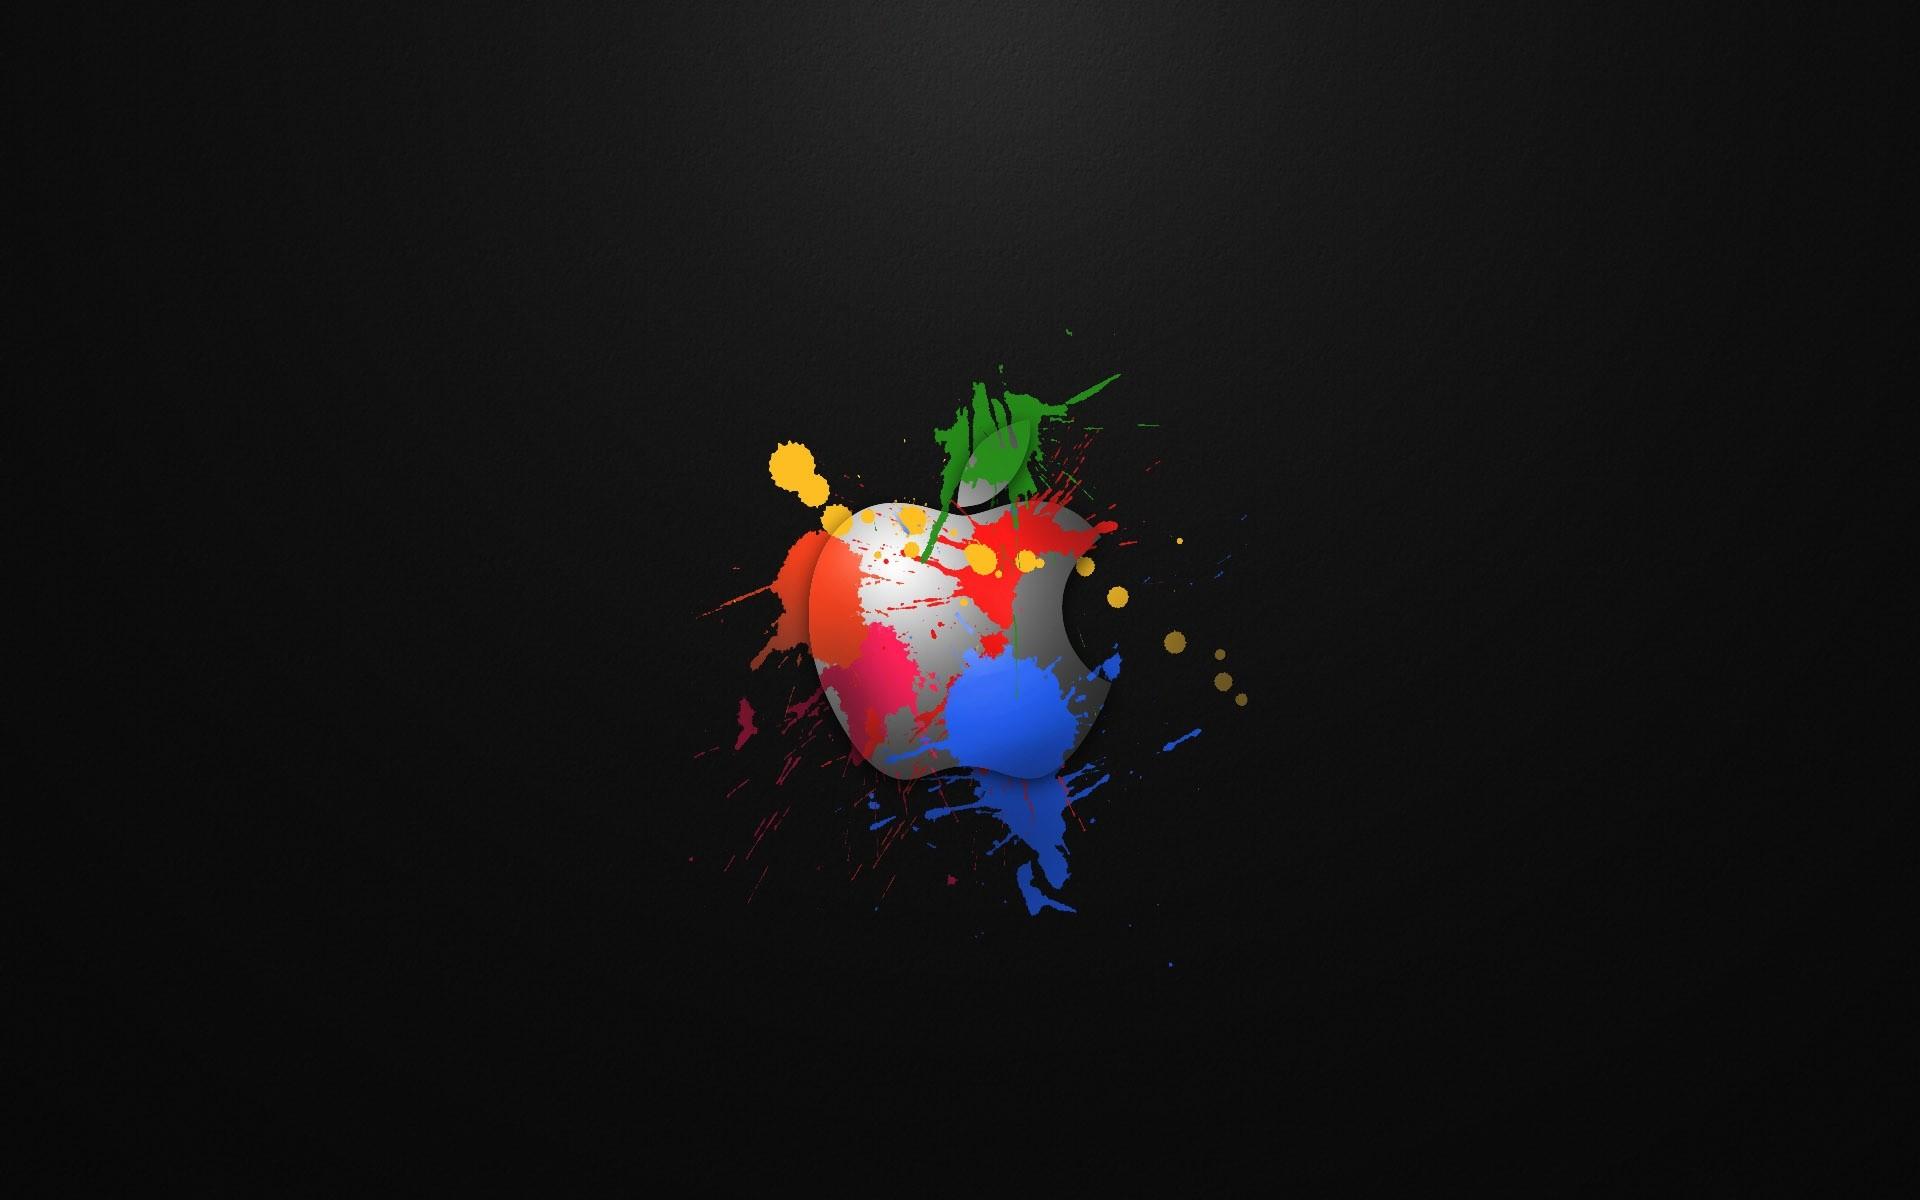 apple desktop wallpapers ·①